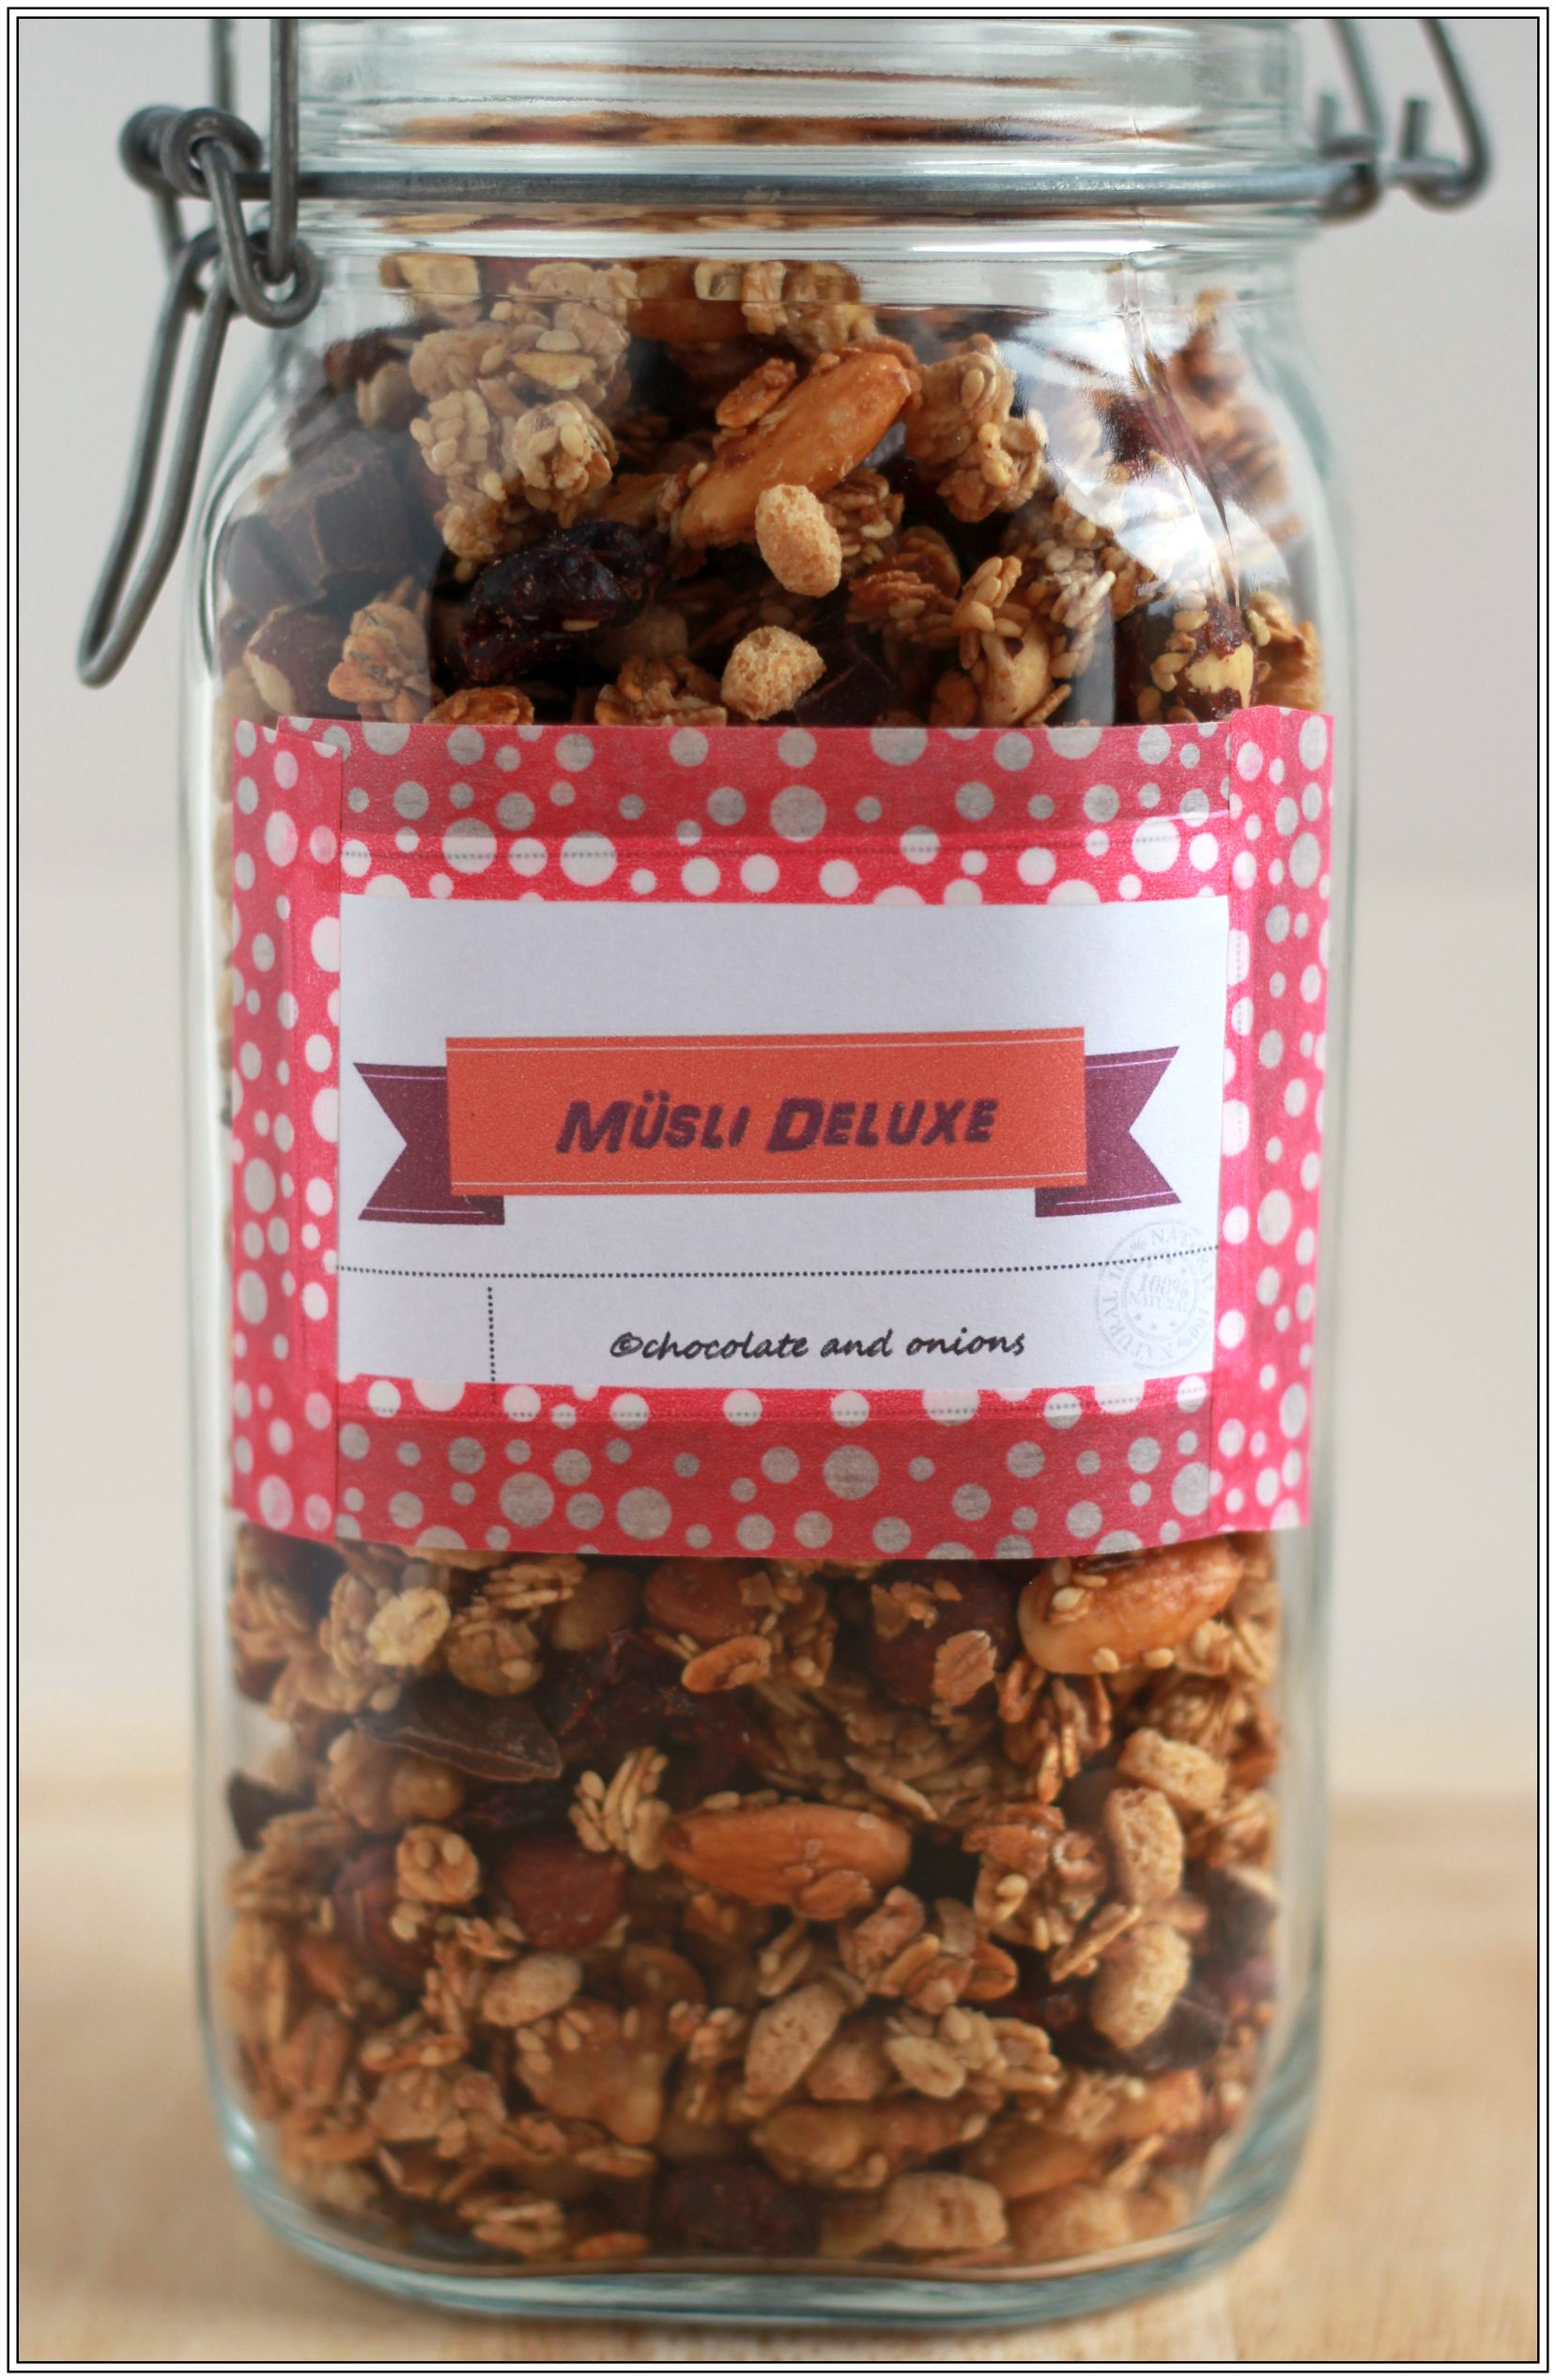 SchokoladenCranberry Msli Geschenke aus dem Glas 4 Chocolate Cranberry Granola